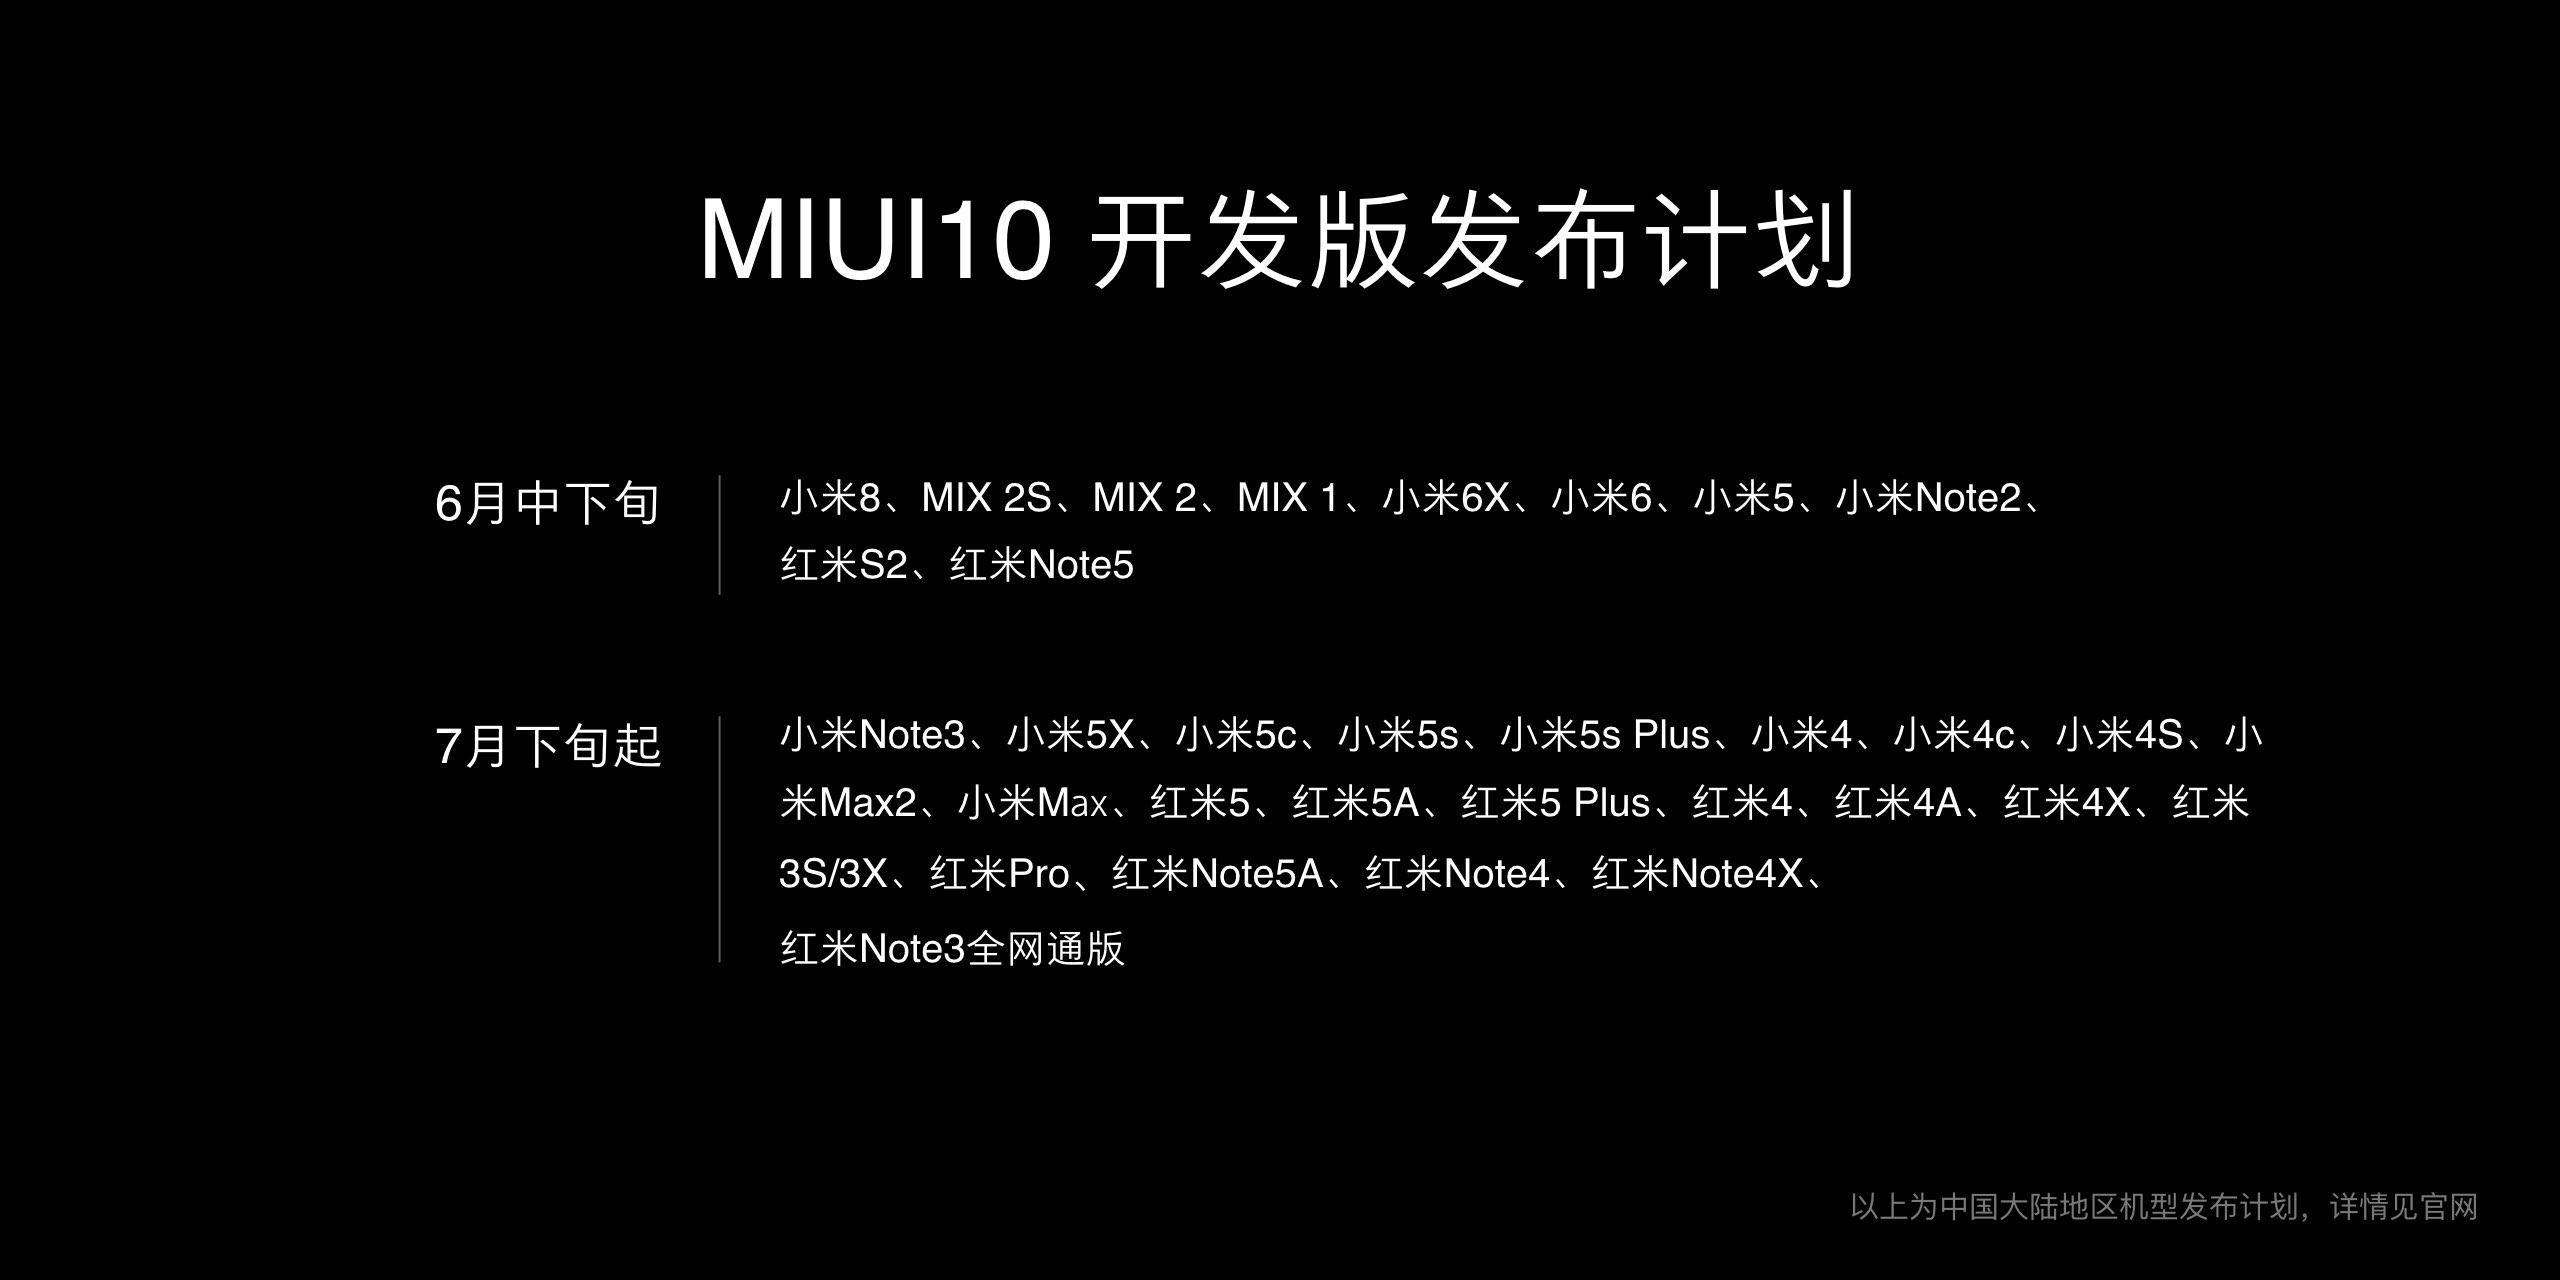 MIUI 10发布计划